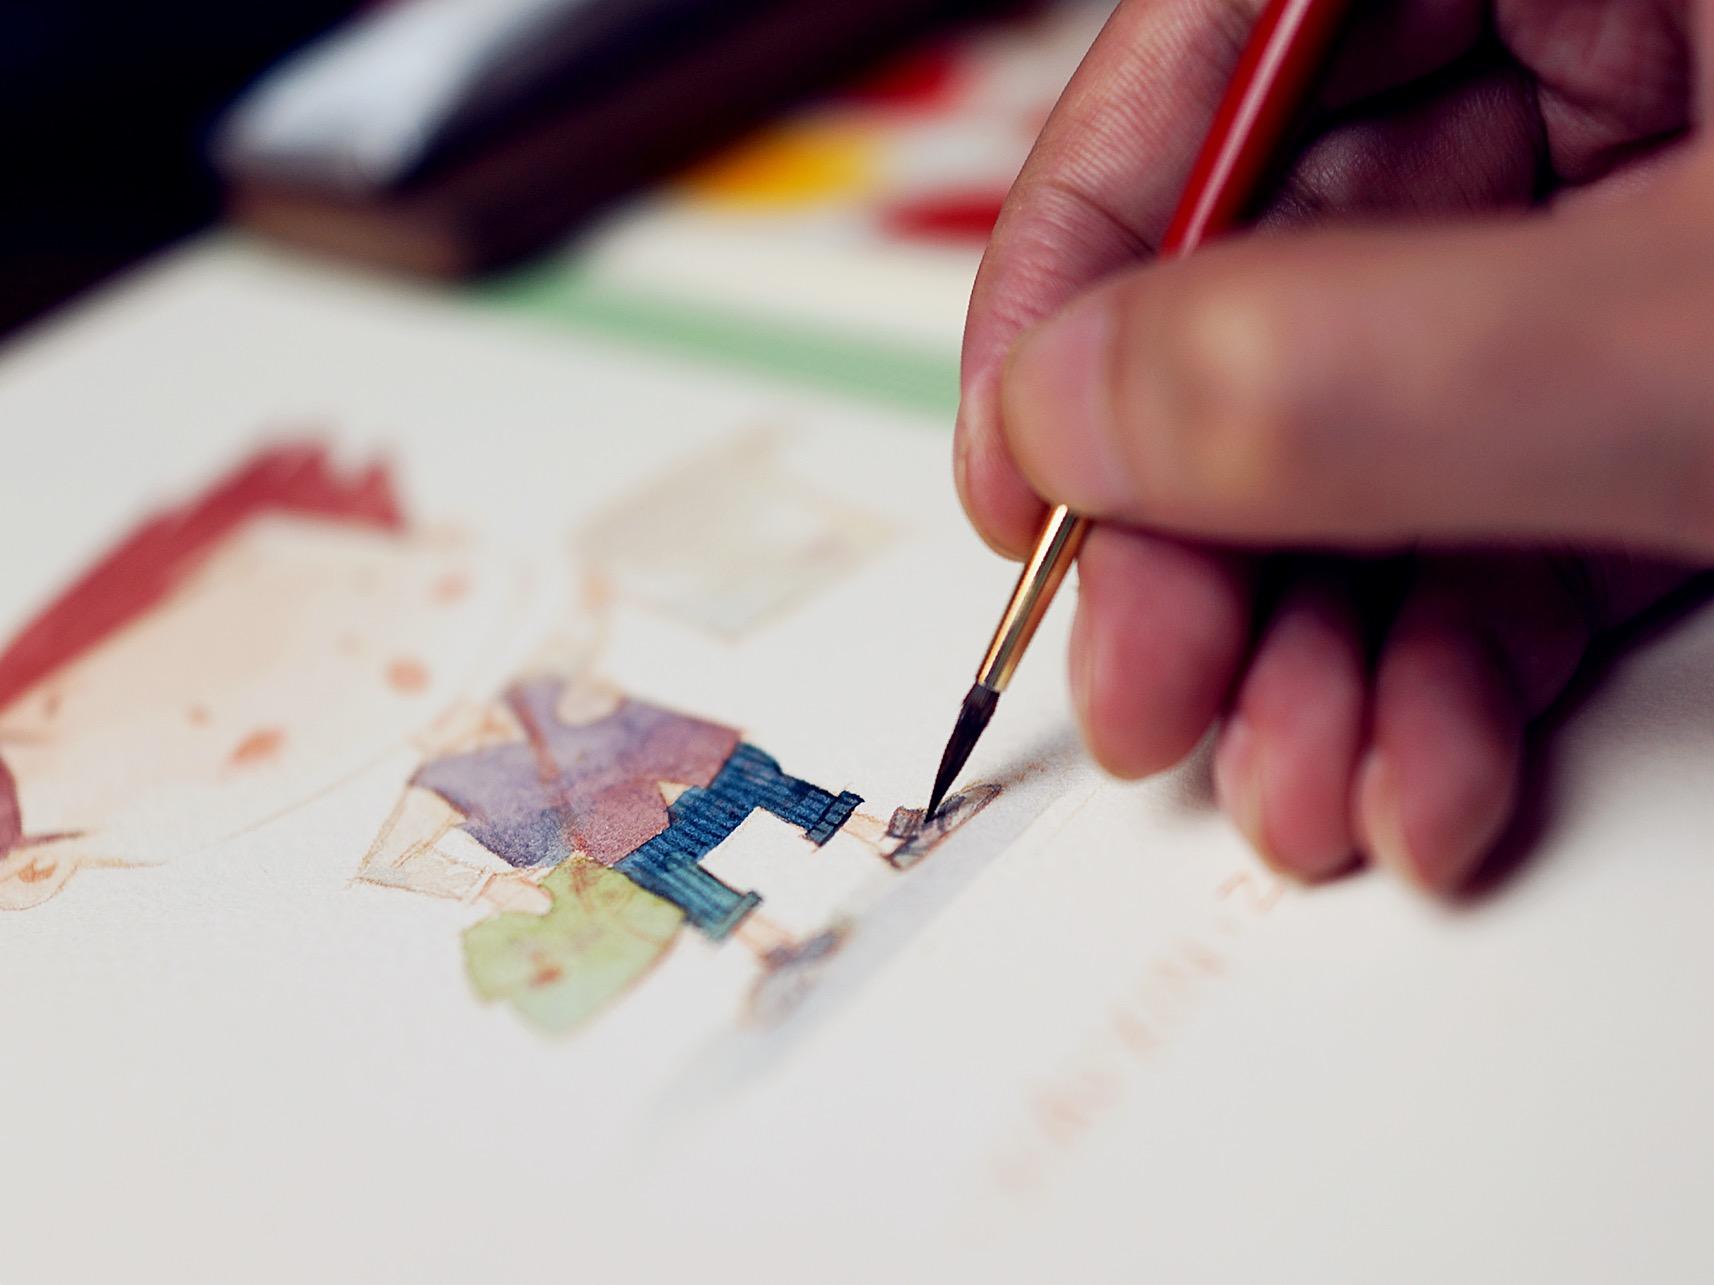 设计师必读!手绘水彩画的相关知识和技巧